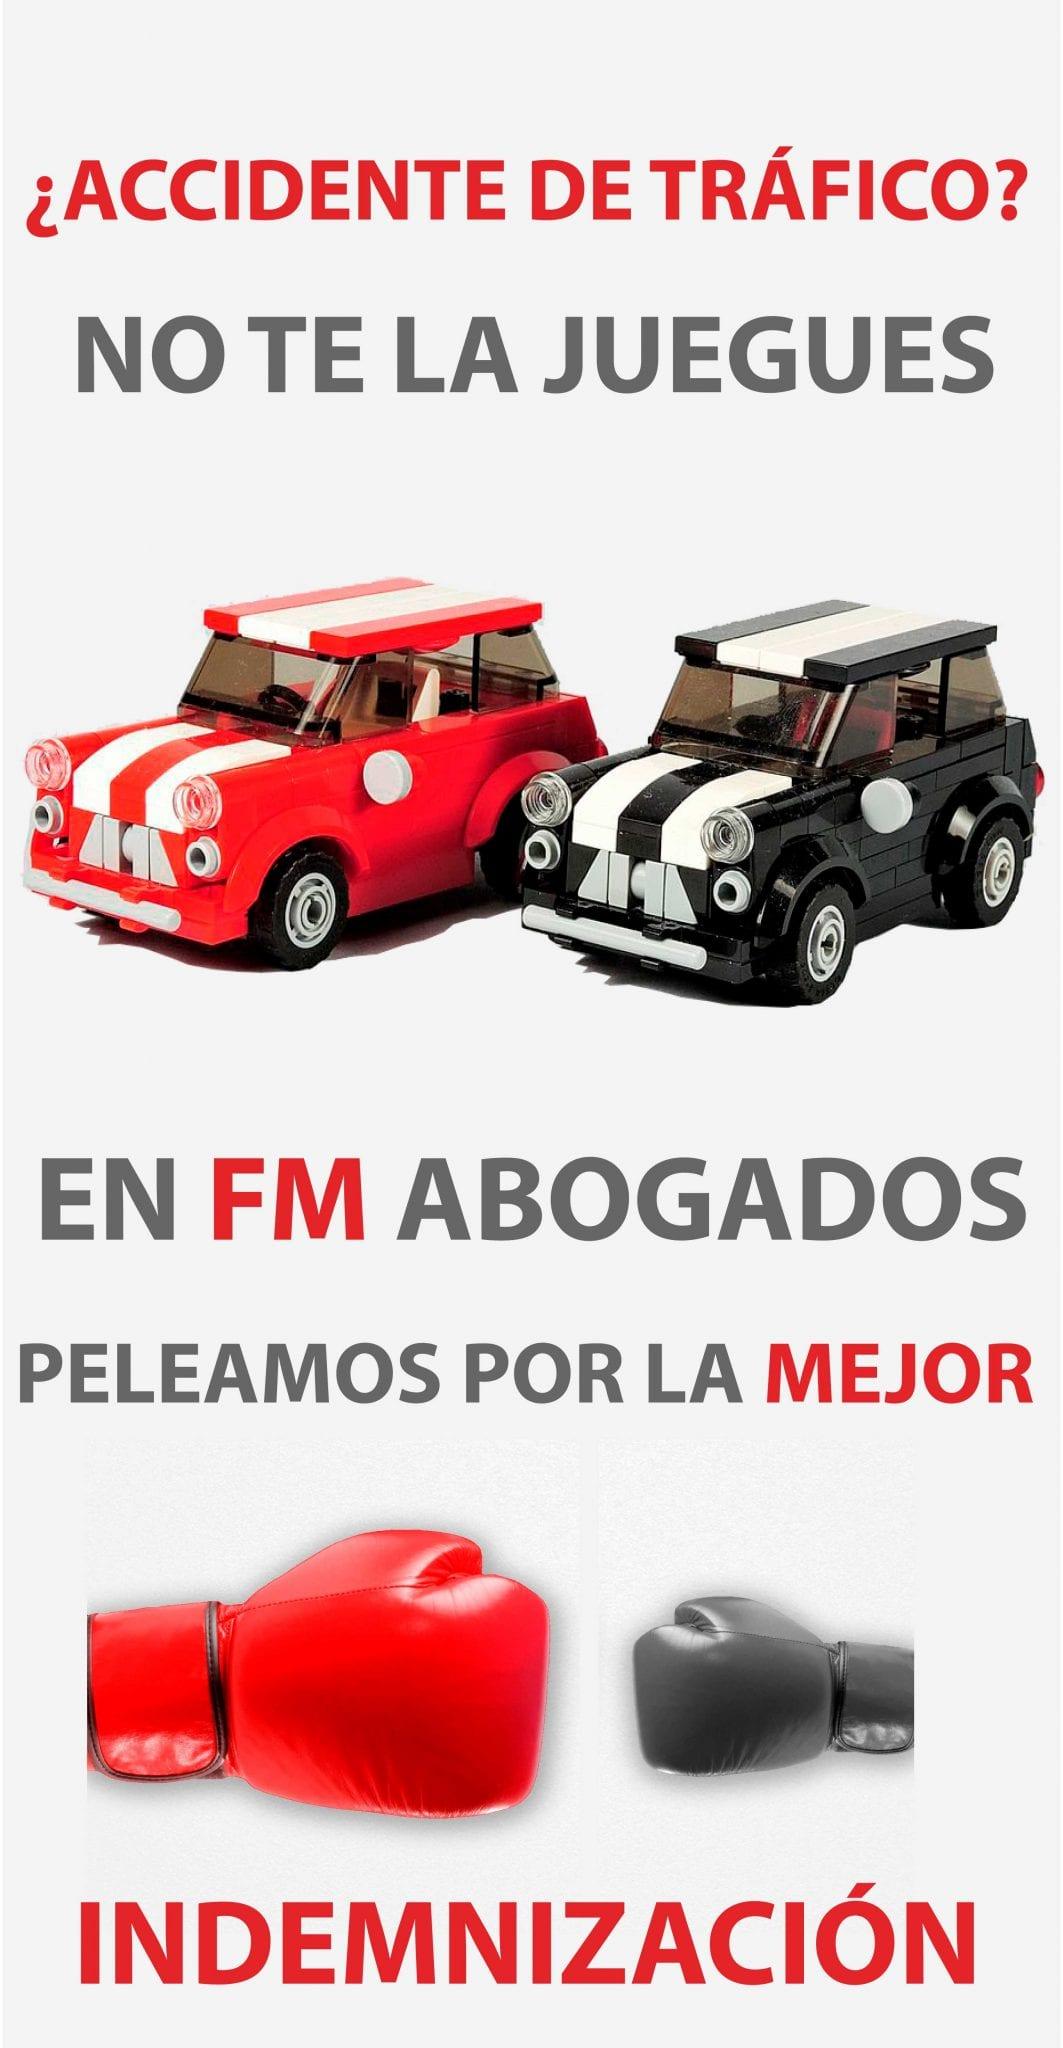 Abogado Accidente Tráfico Las Palmas - FM Abogados la mayor indemnización